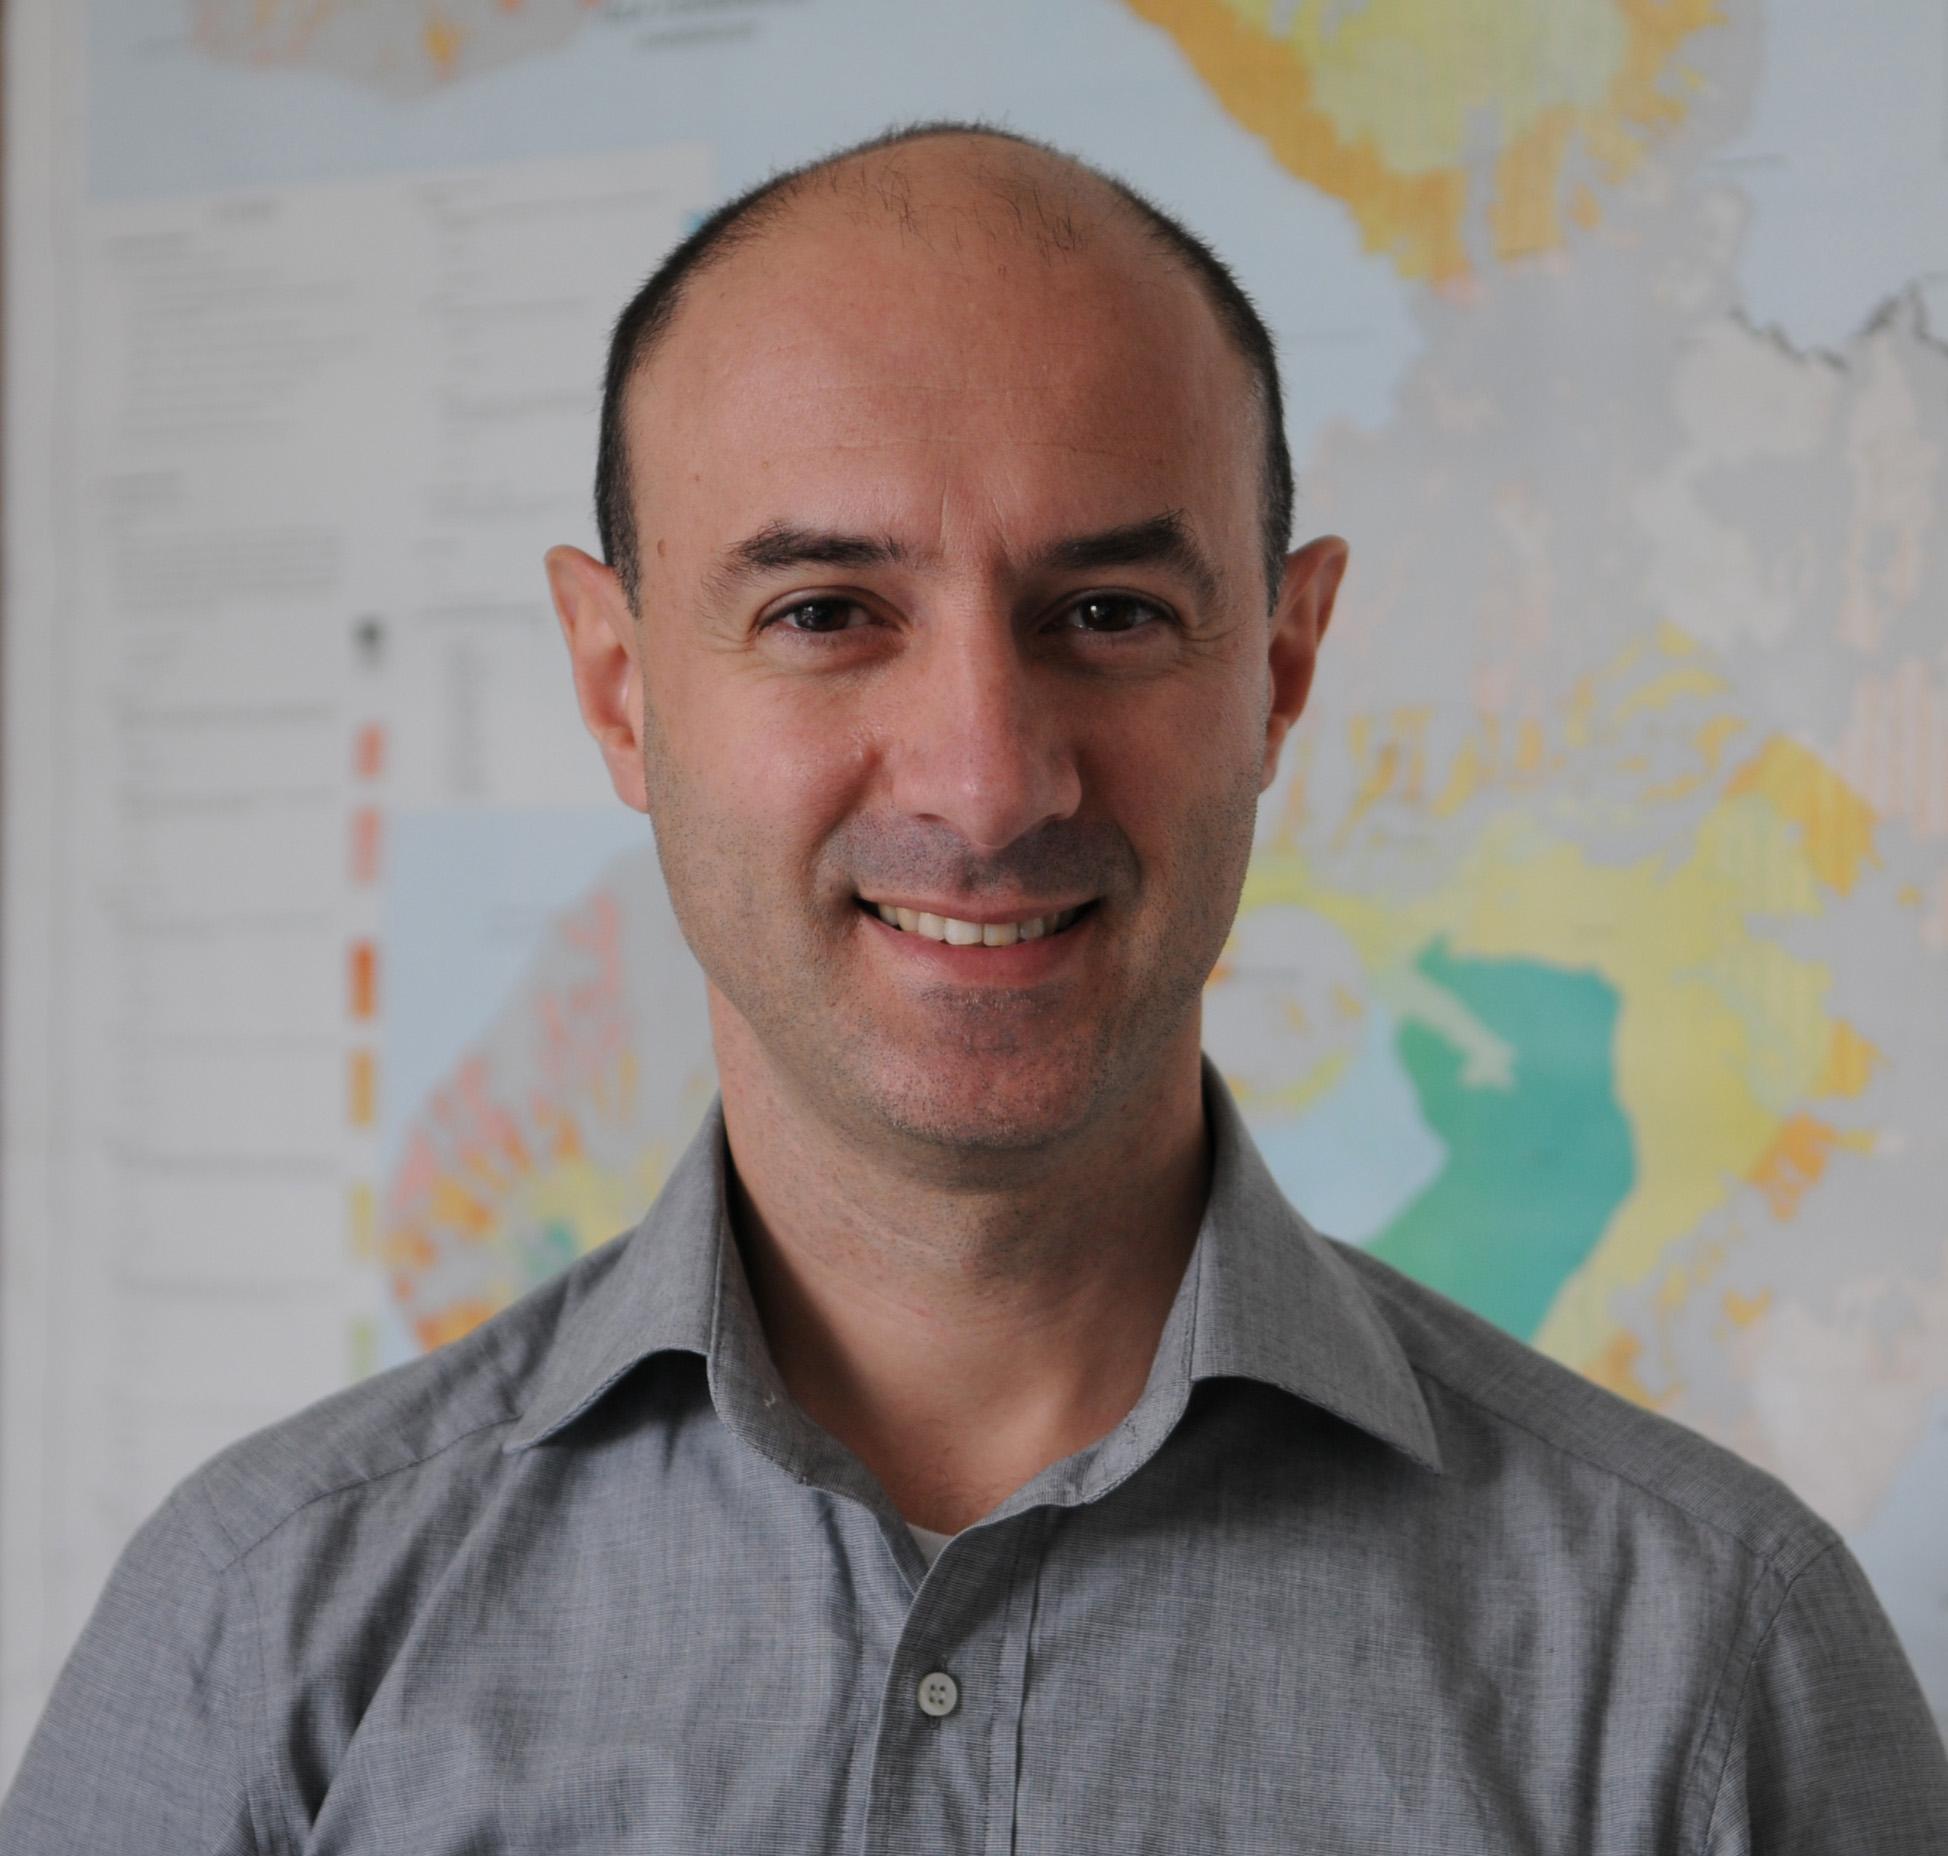 Claudio Ciofi